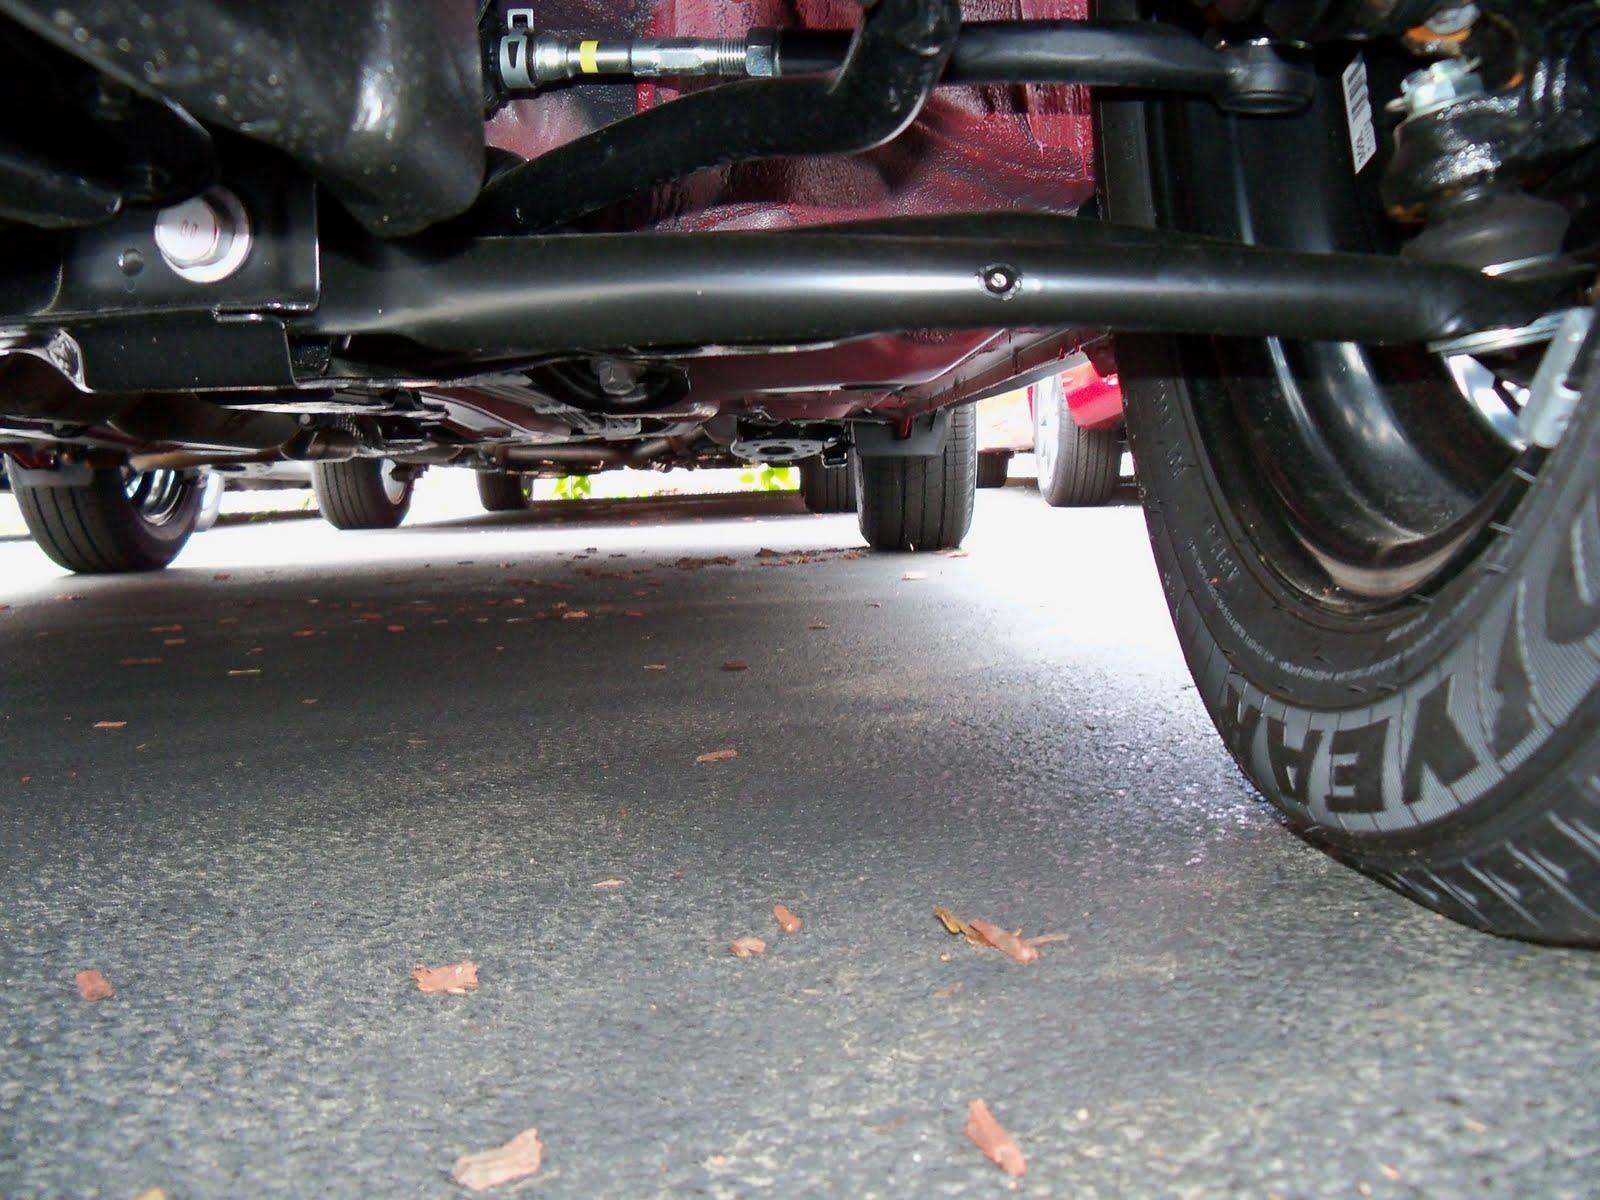 Examining the fiat 500 s suspension